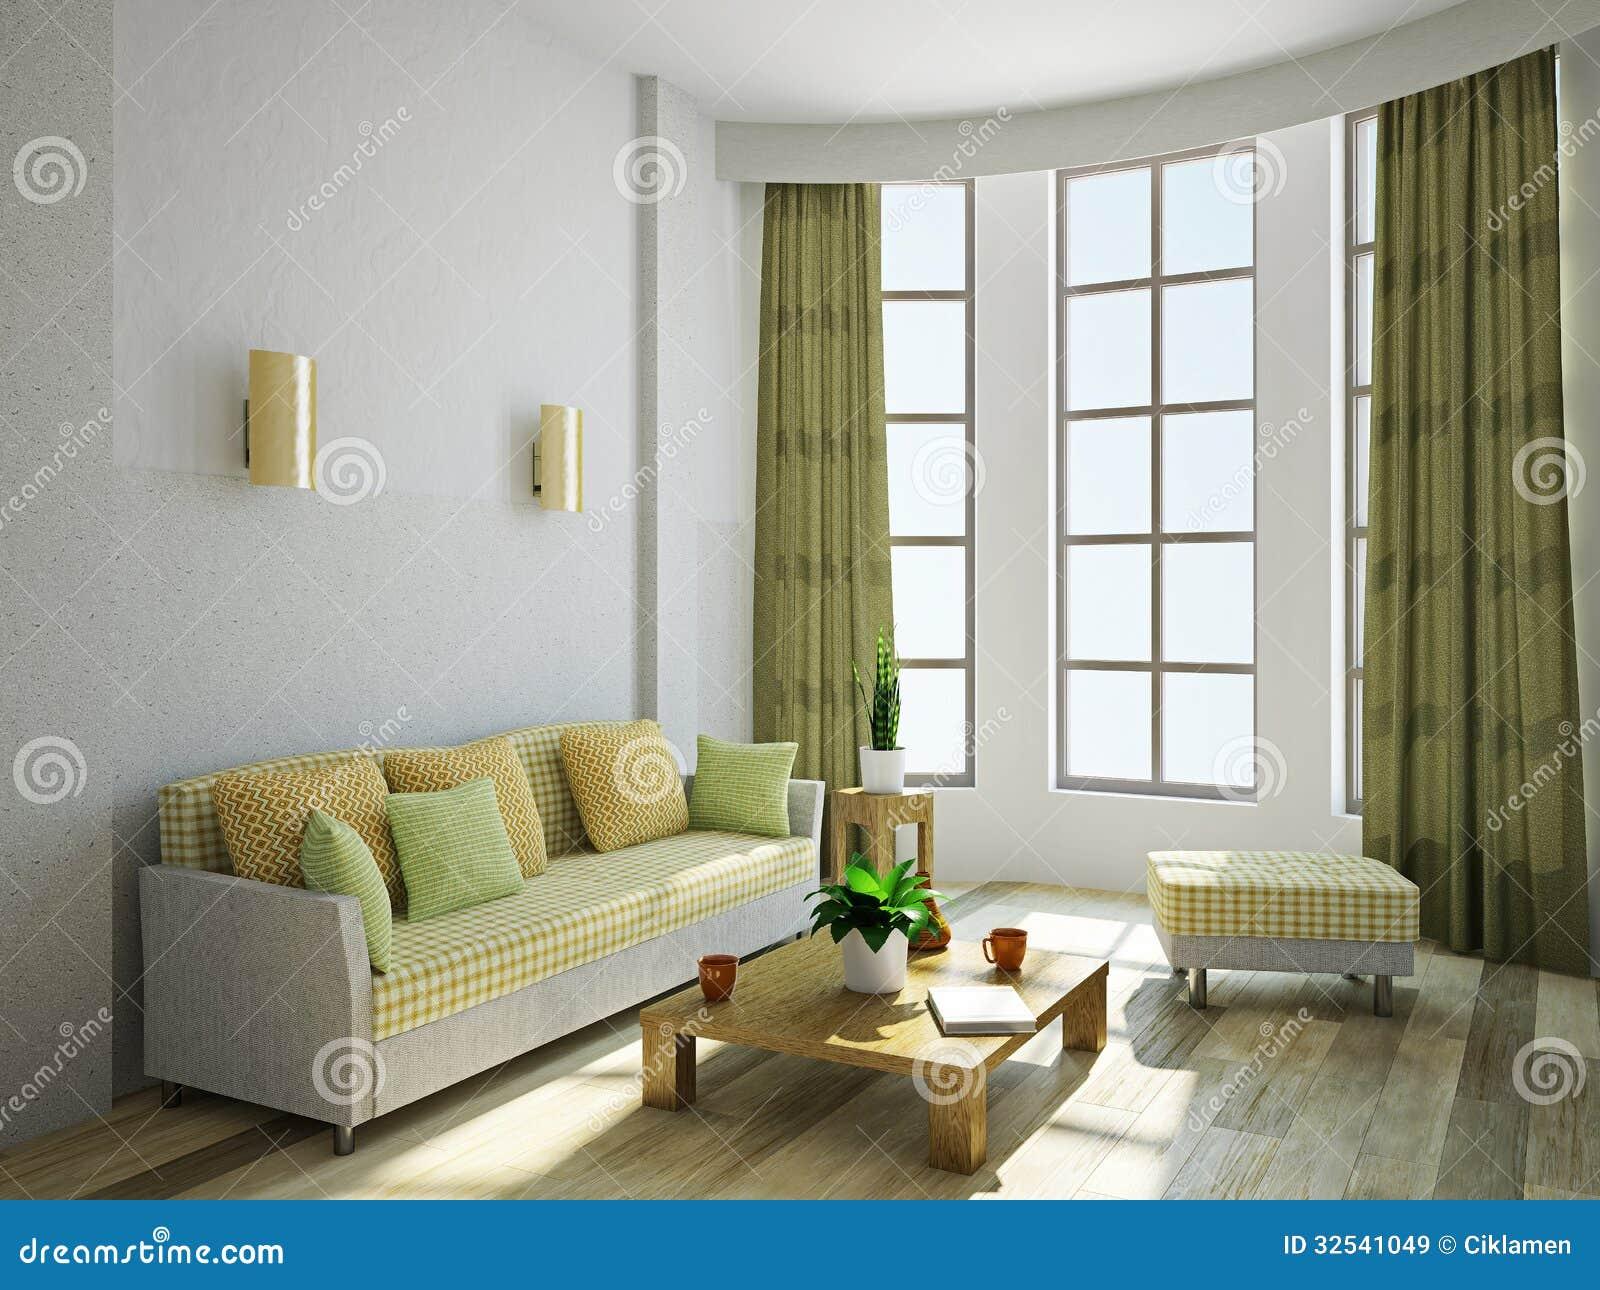 Sala de estar con muebles im genes de archivo libres de - Muebles de salita de estar ...